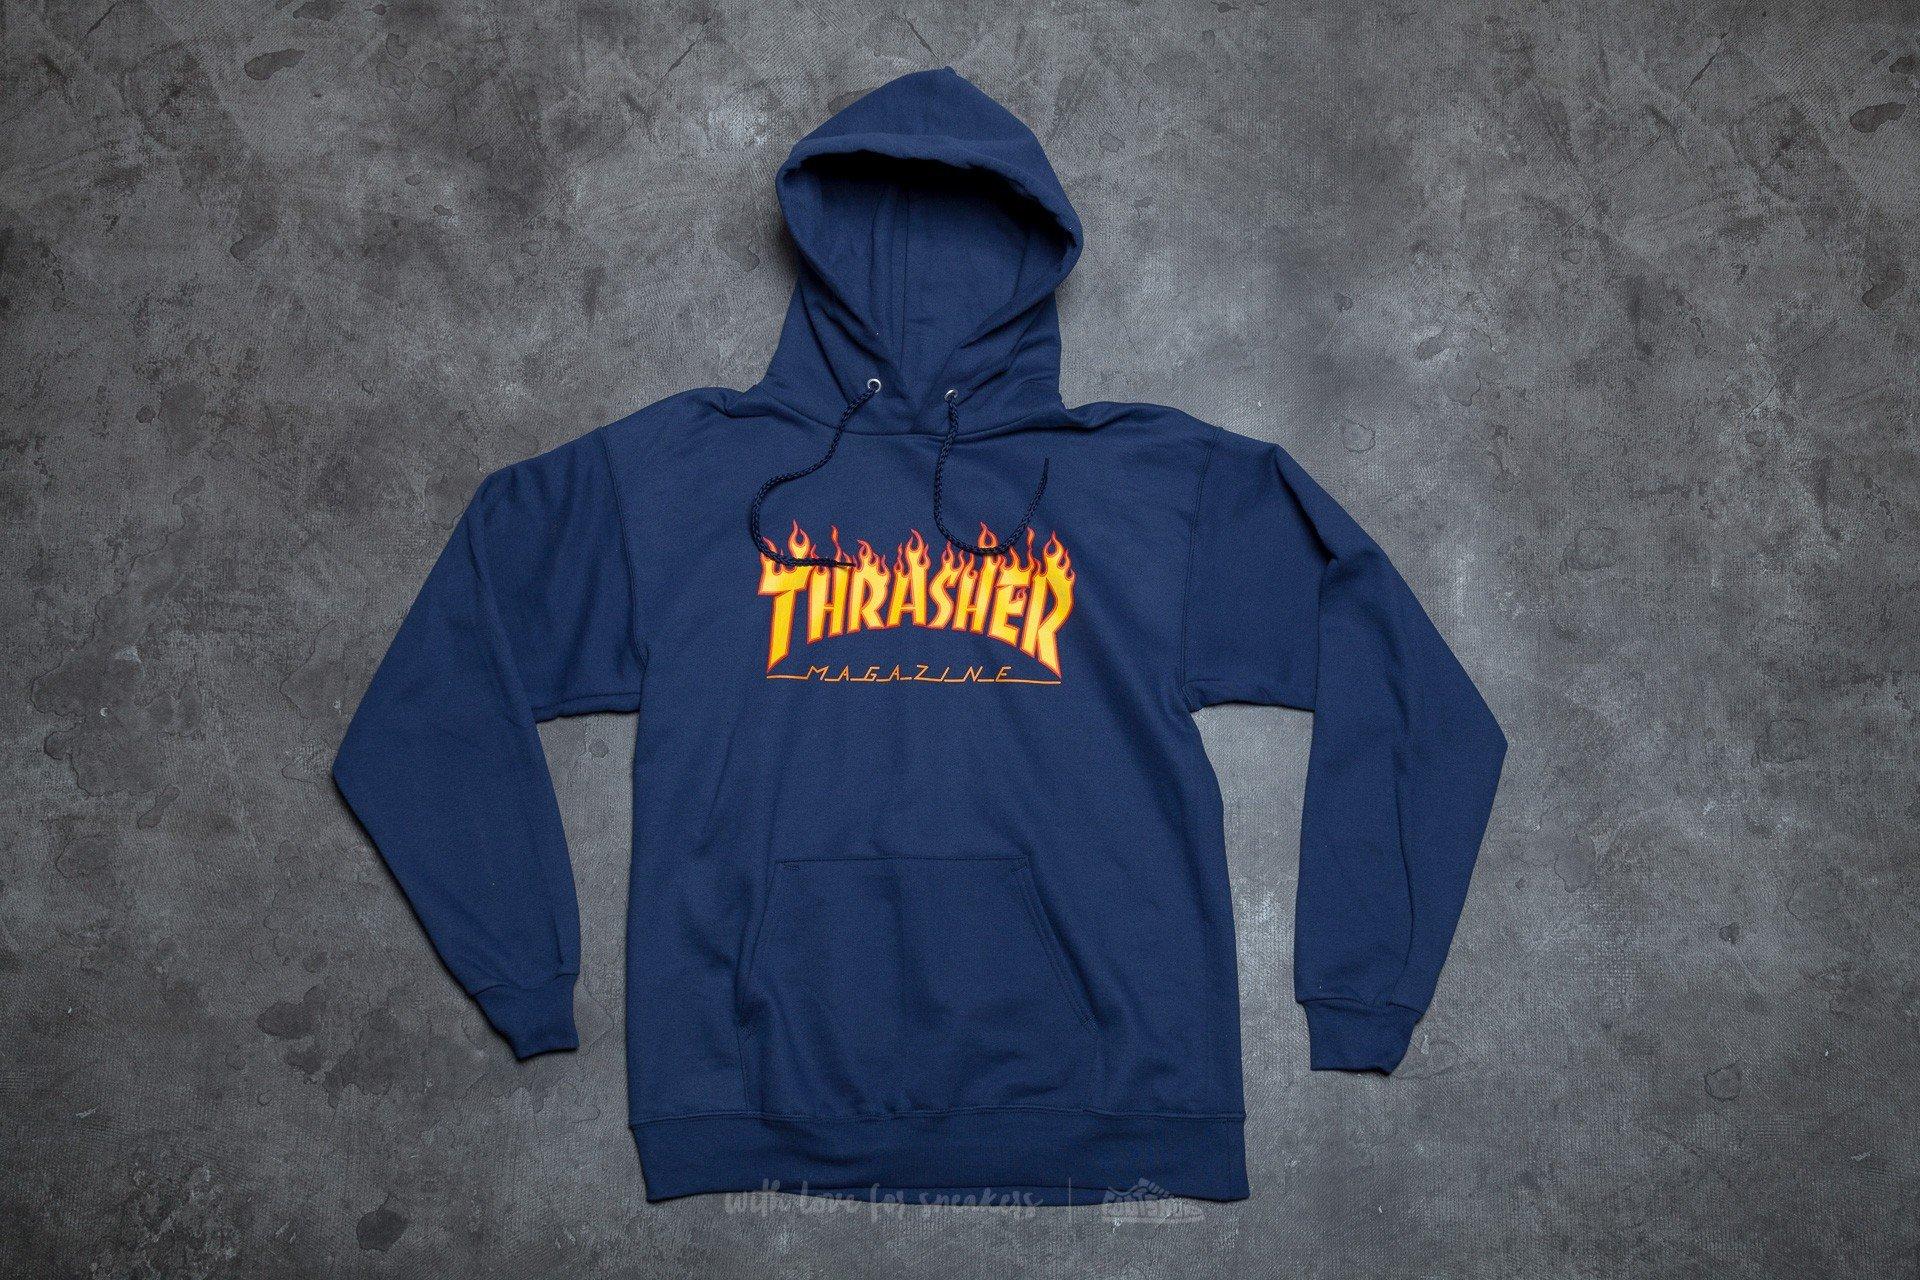 Thrasher Flame Logo Hoodie Navy Blue  943a4dd68df1